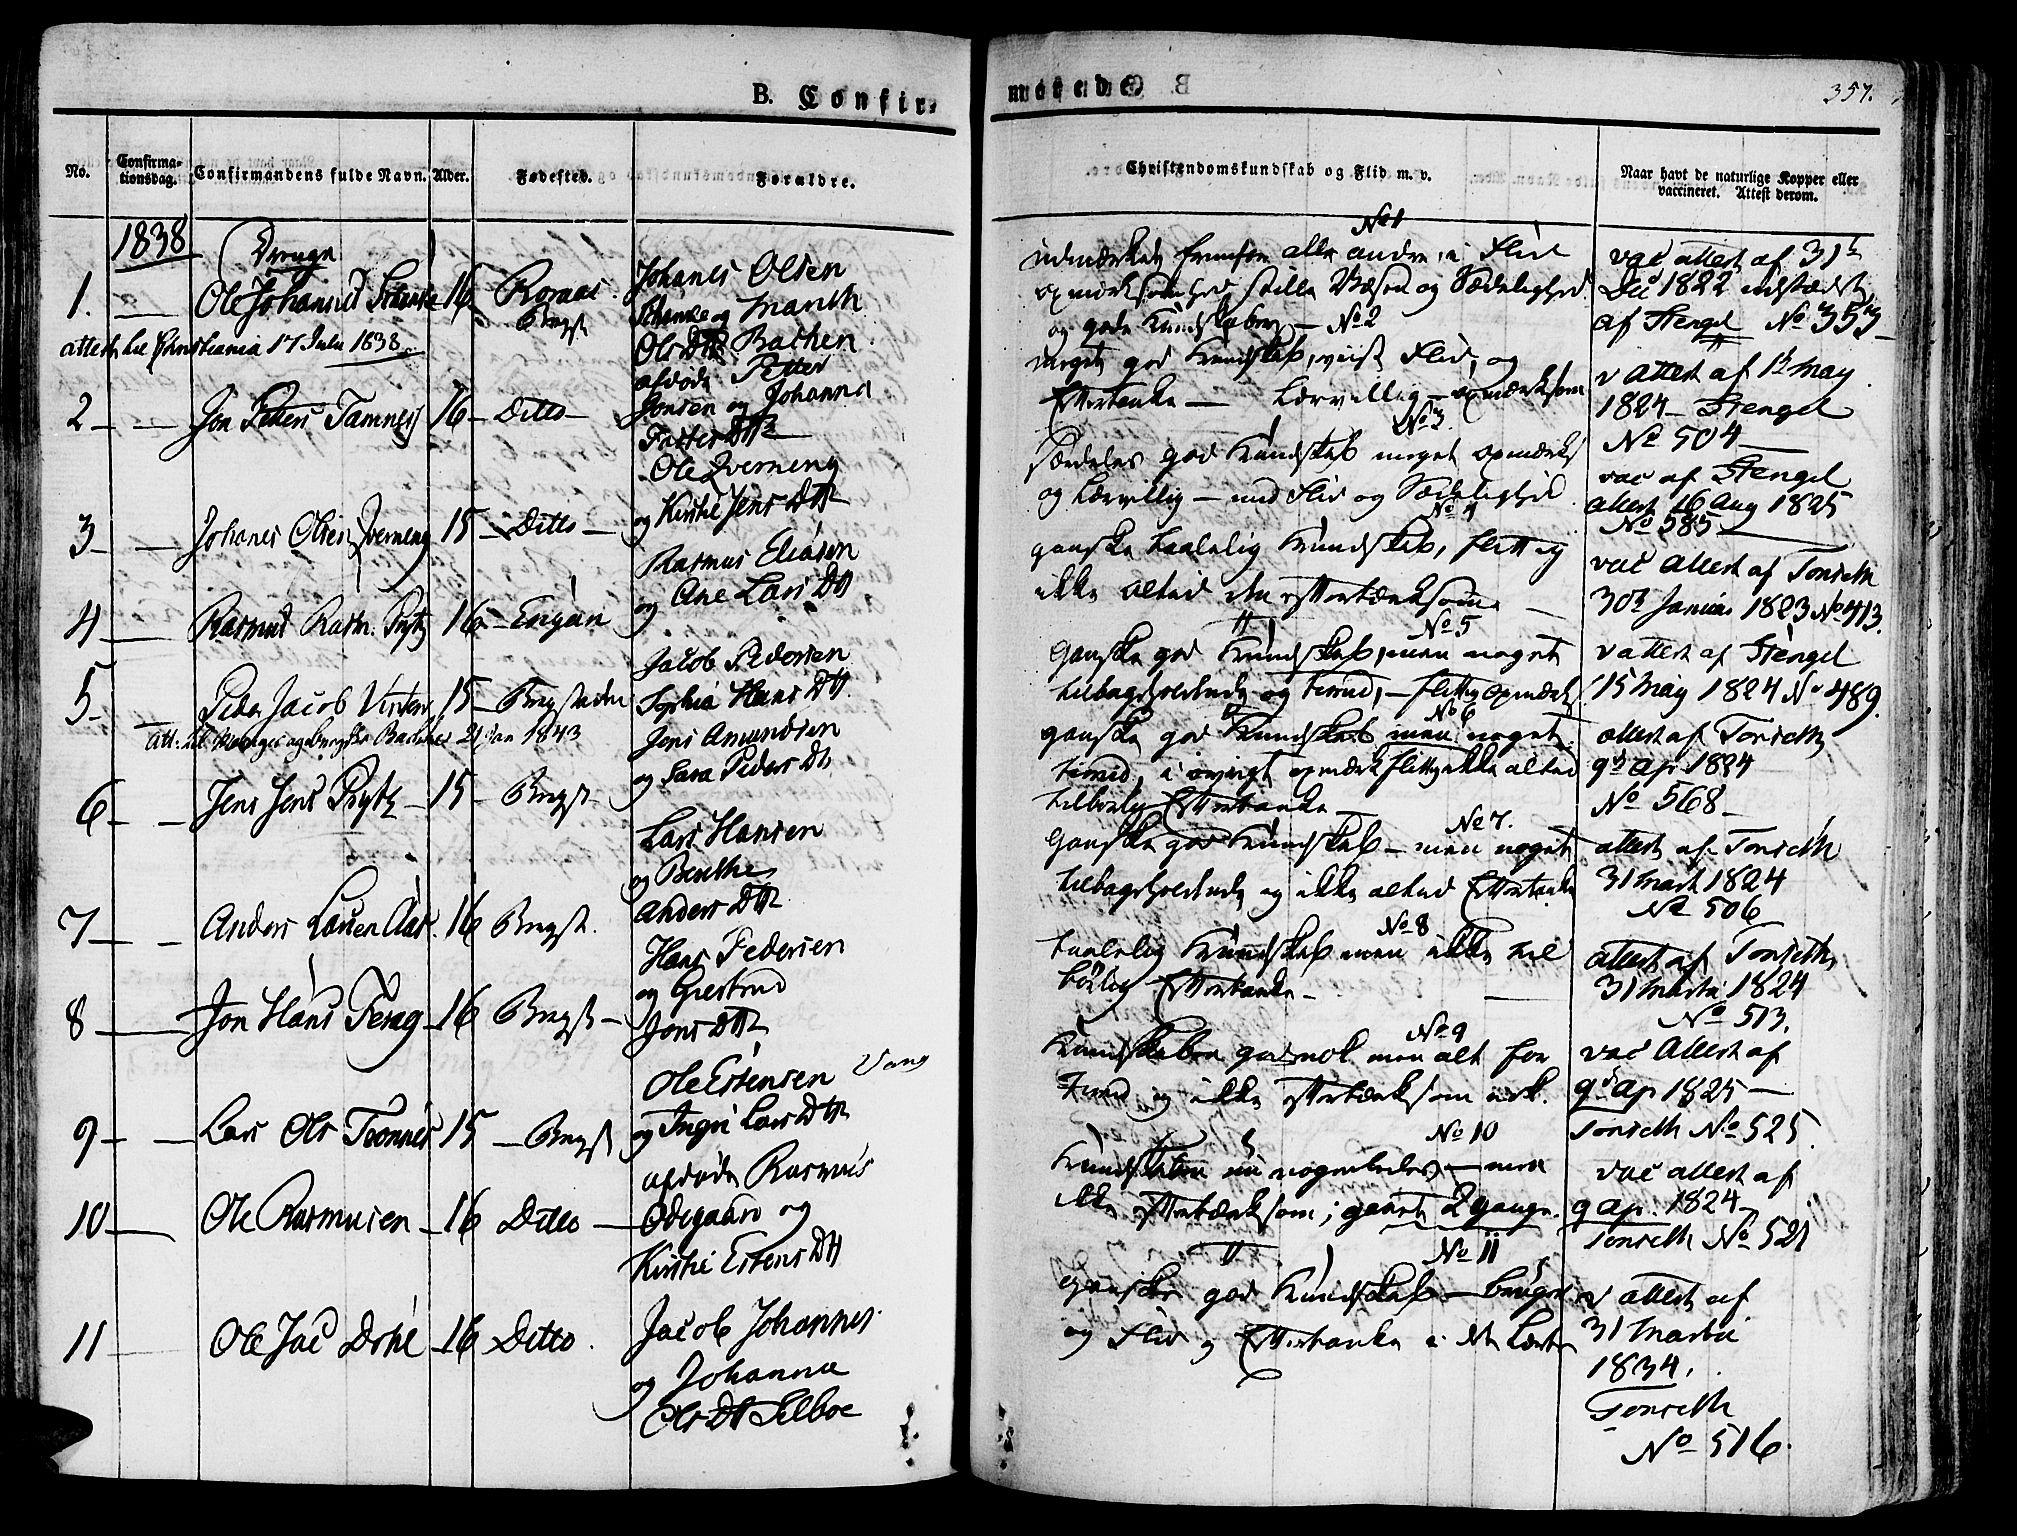 SAT, Ministerialprotokoller, klokkerbøker og fødselsregistre - Sør-Trøndelag, 681/L0930: Ministerialbok nr. 681A08, 1829-1844, s. 357